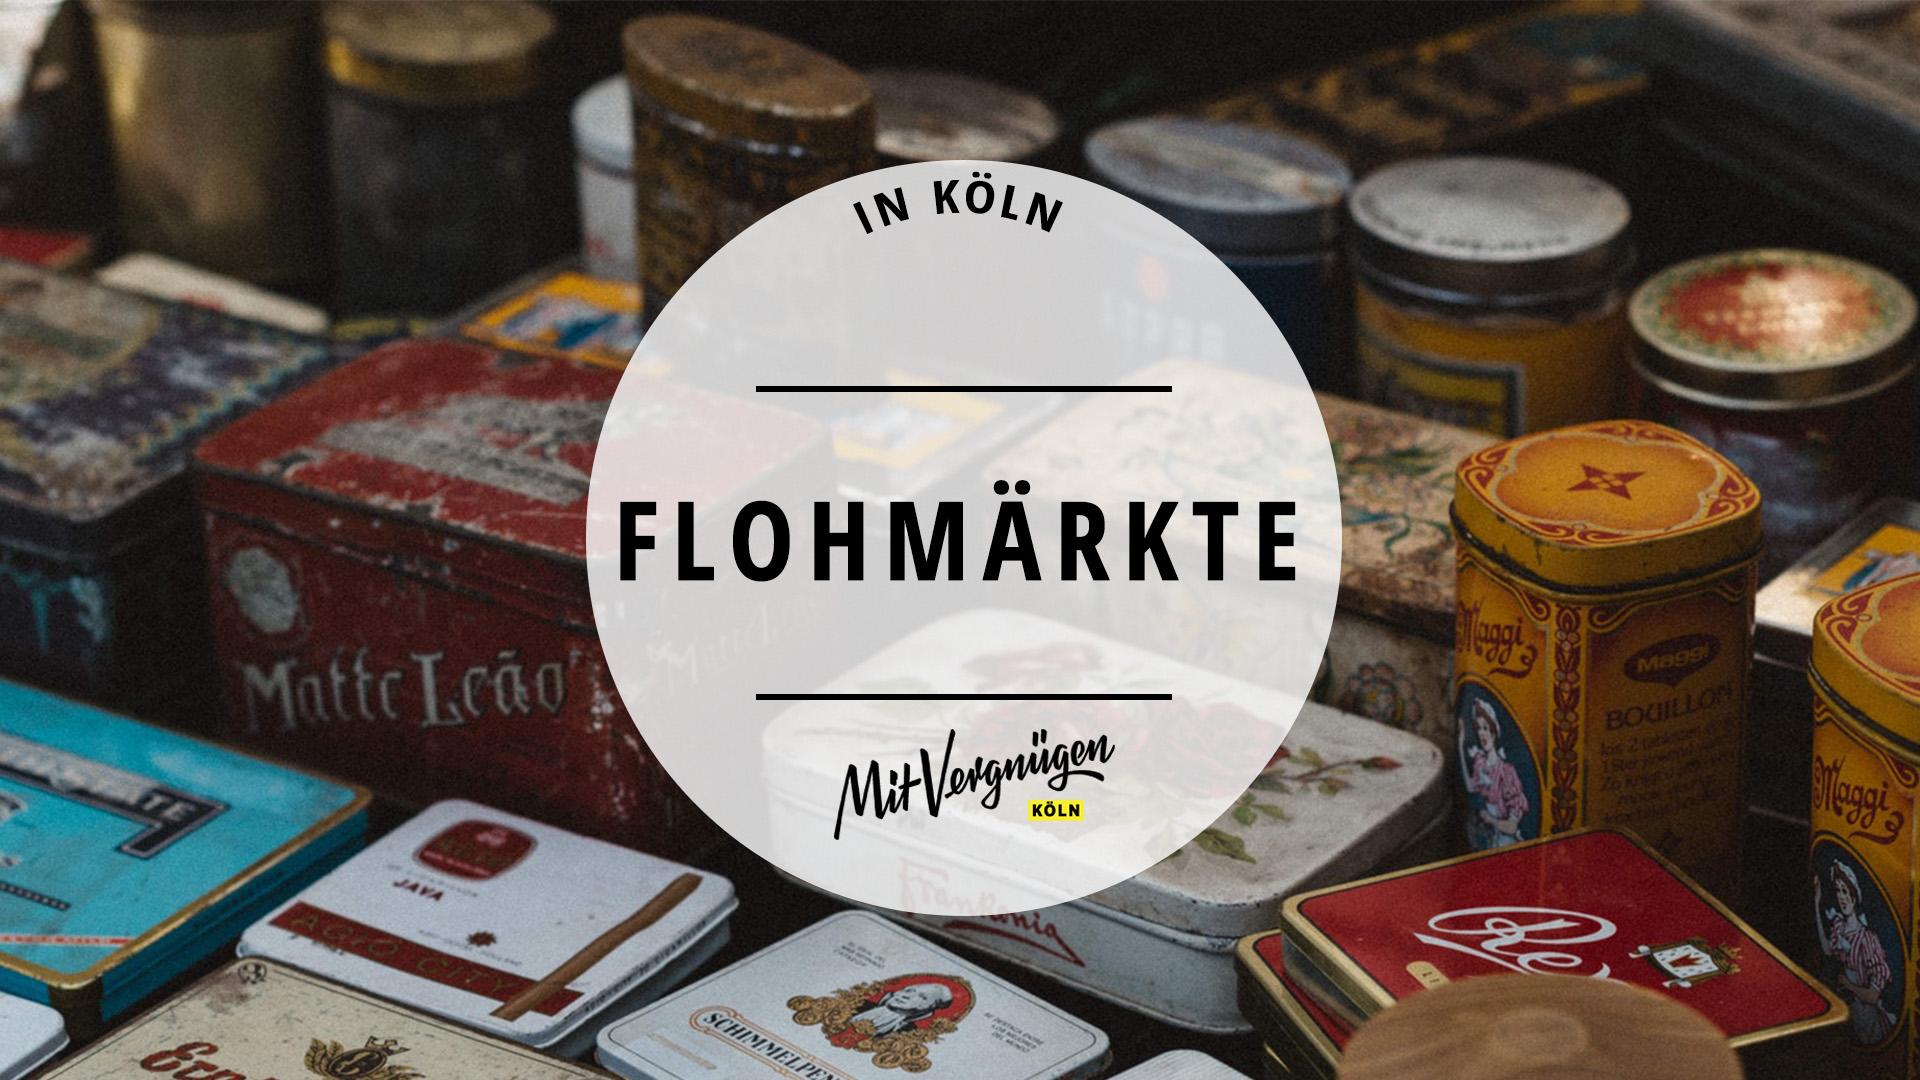 11 Flohmarkte In Koln Die Du Kennen Solltest Mit